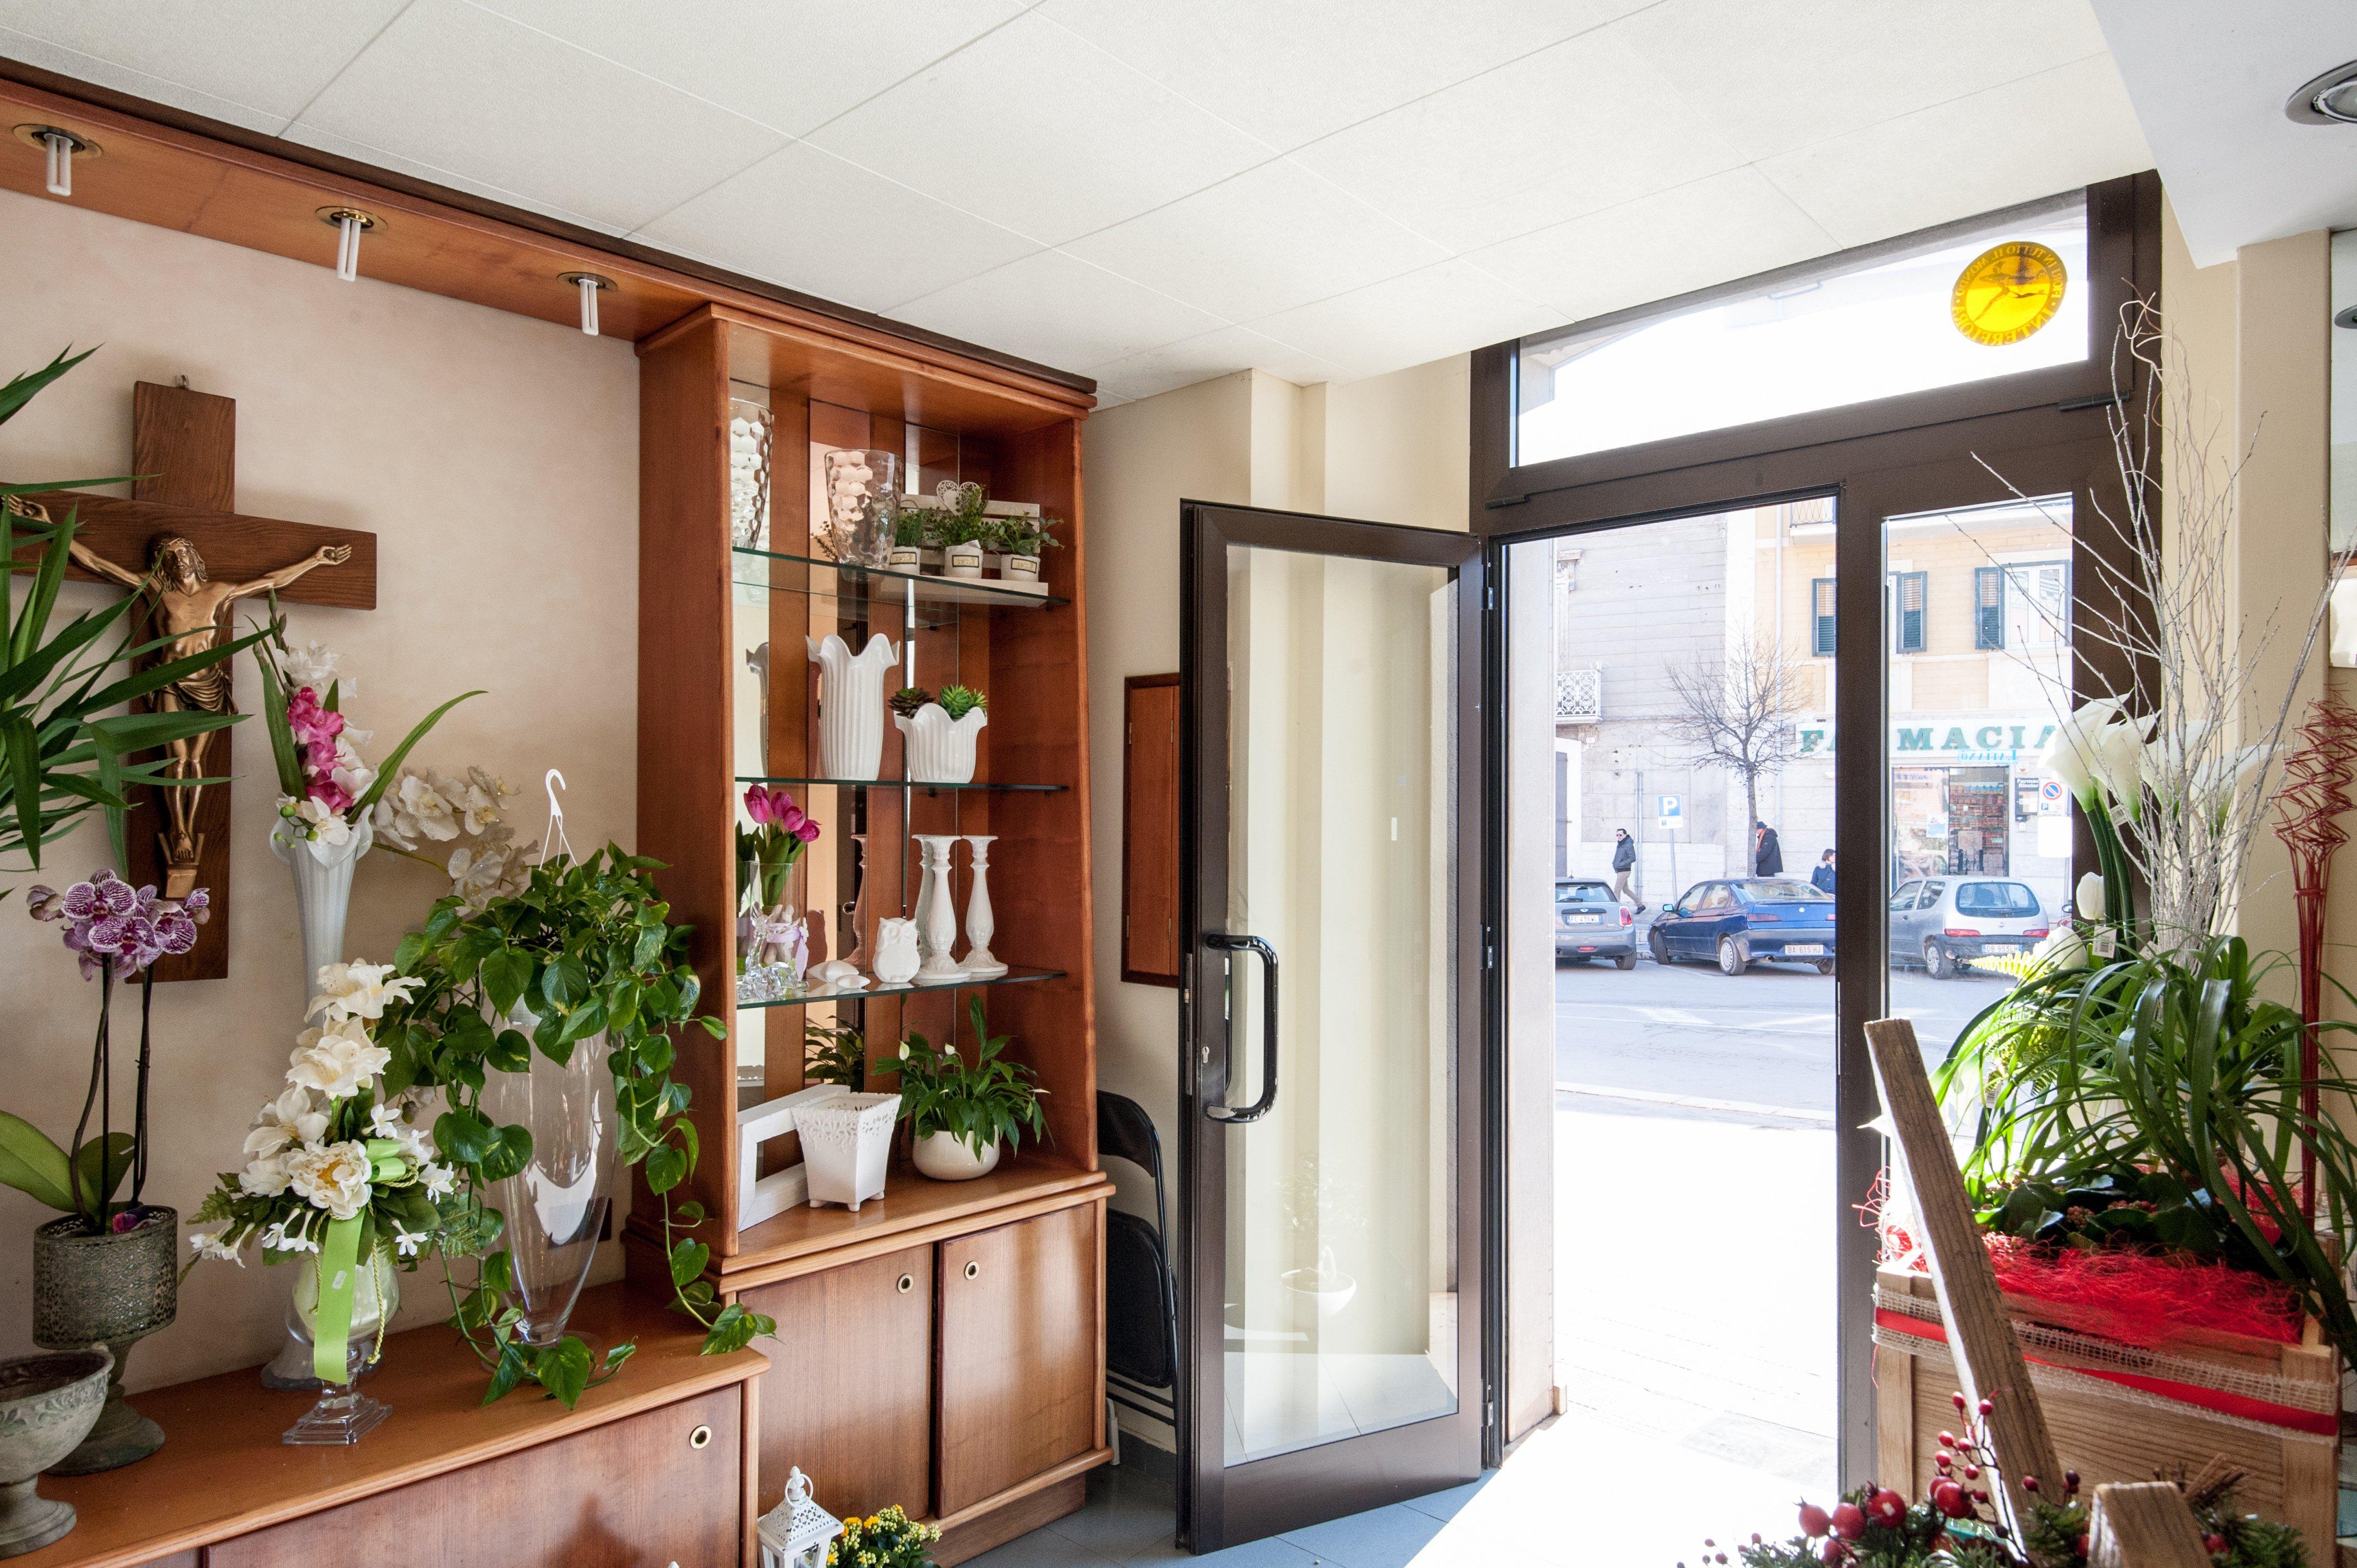 uscita del negozio con ripiani con fiori e vasi